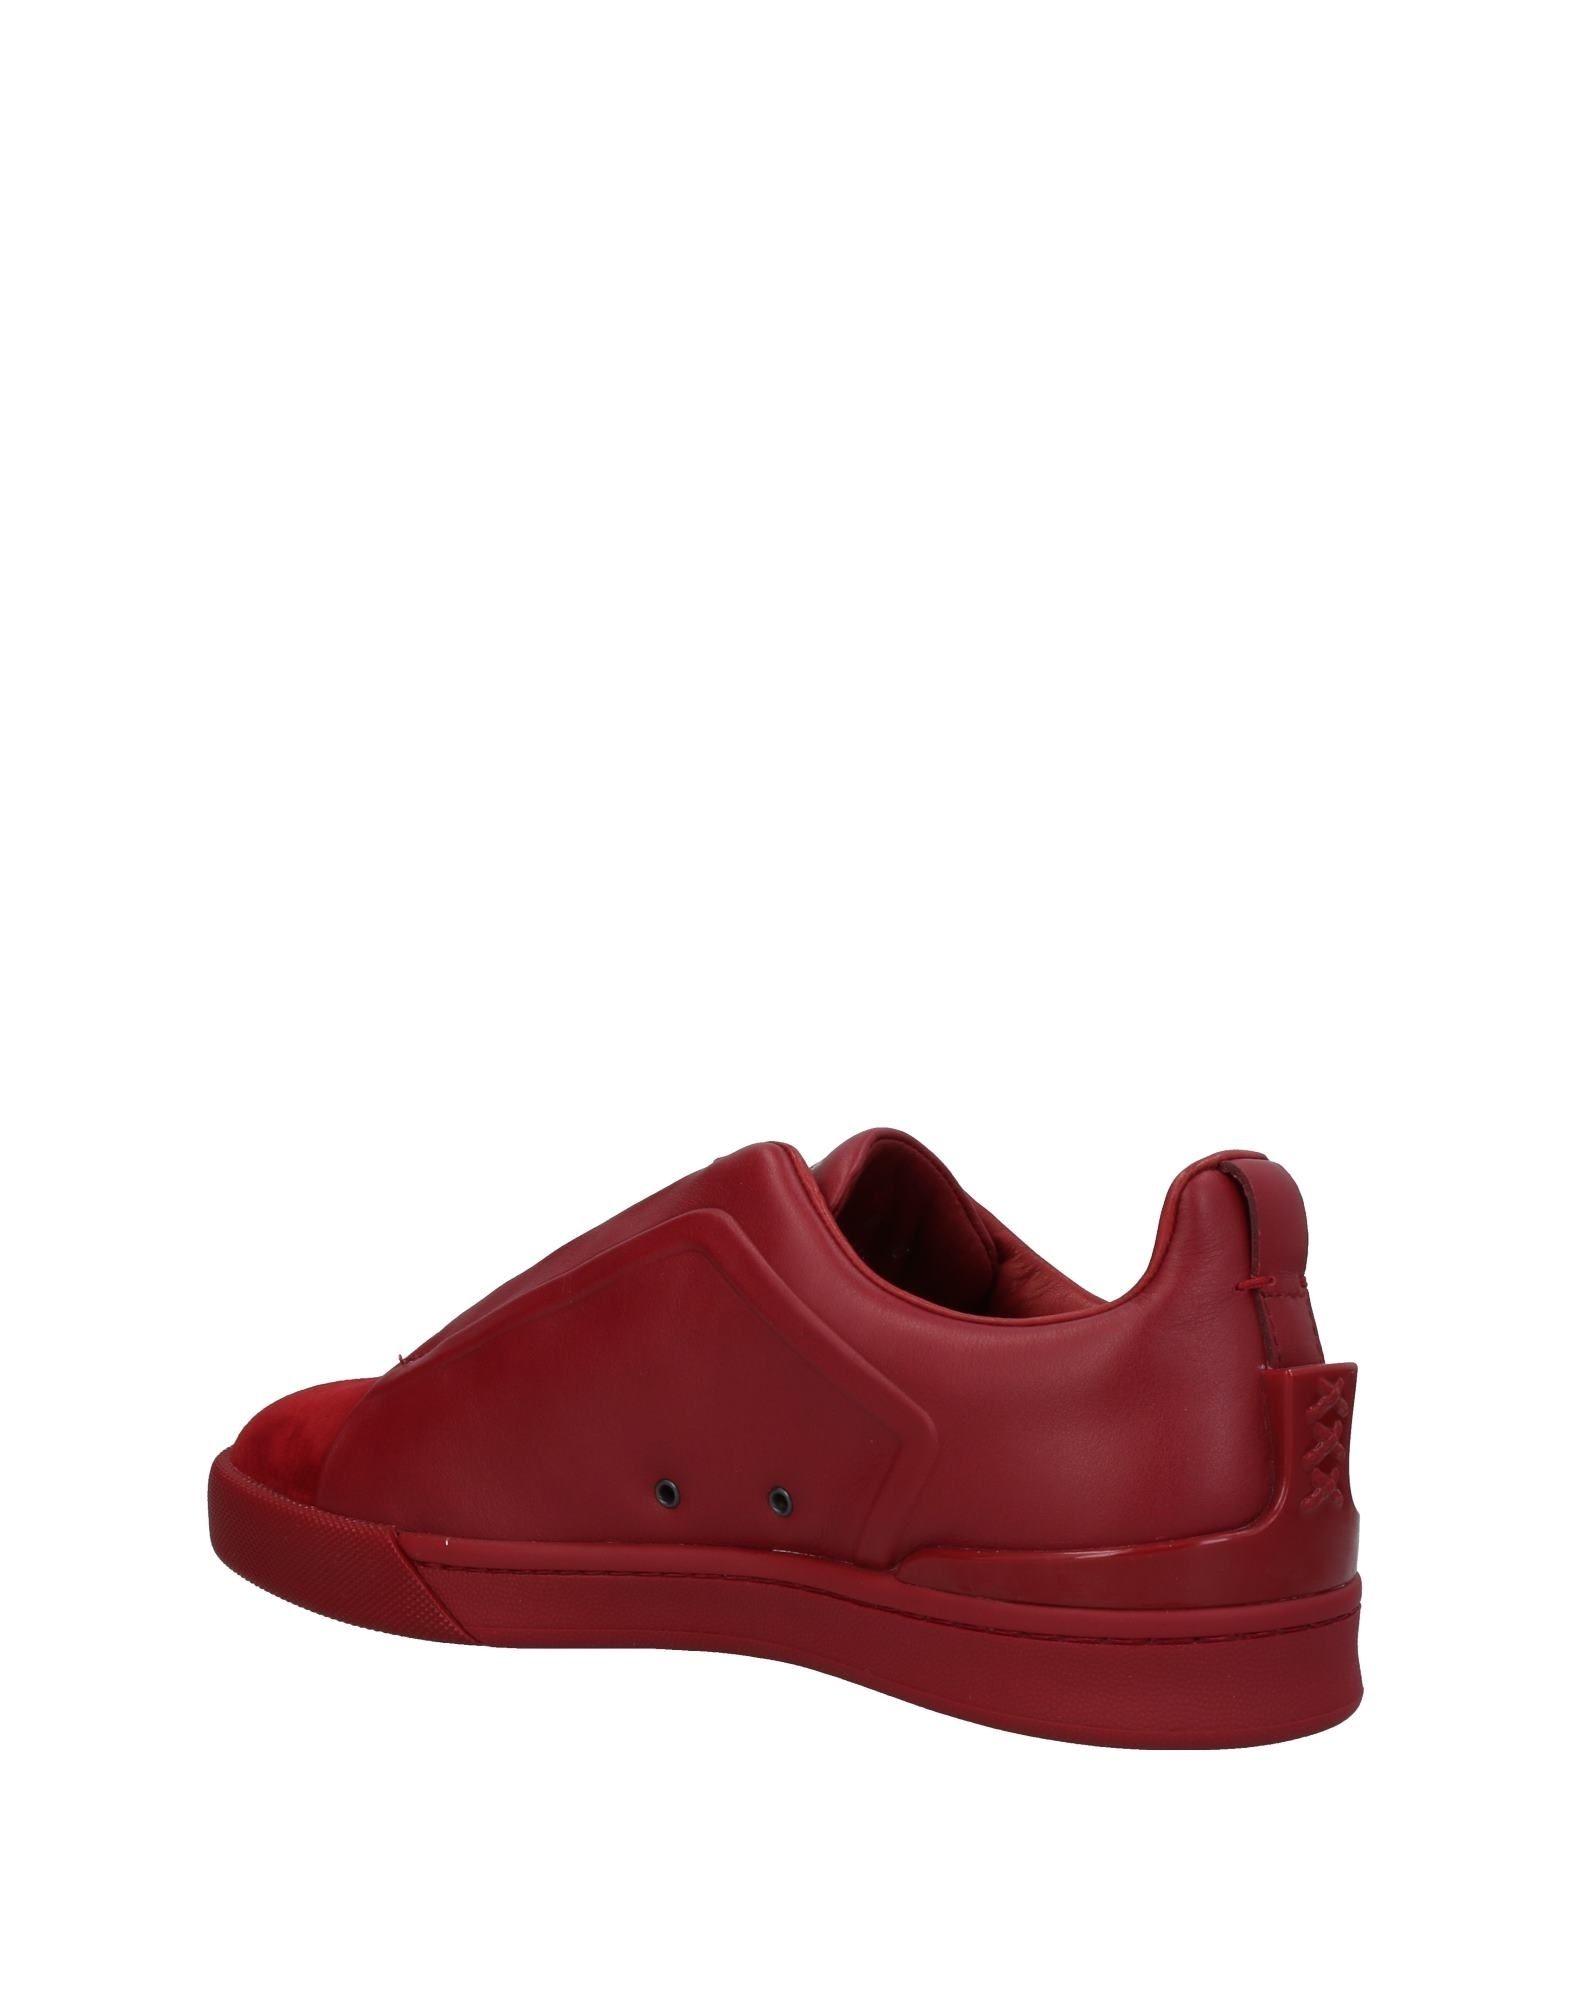 ... Sneakers Ermenegildo Zegna Homme - Sneakers Ermenegildo Zegna sur ...